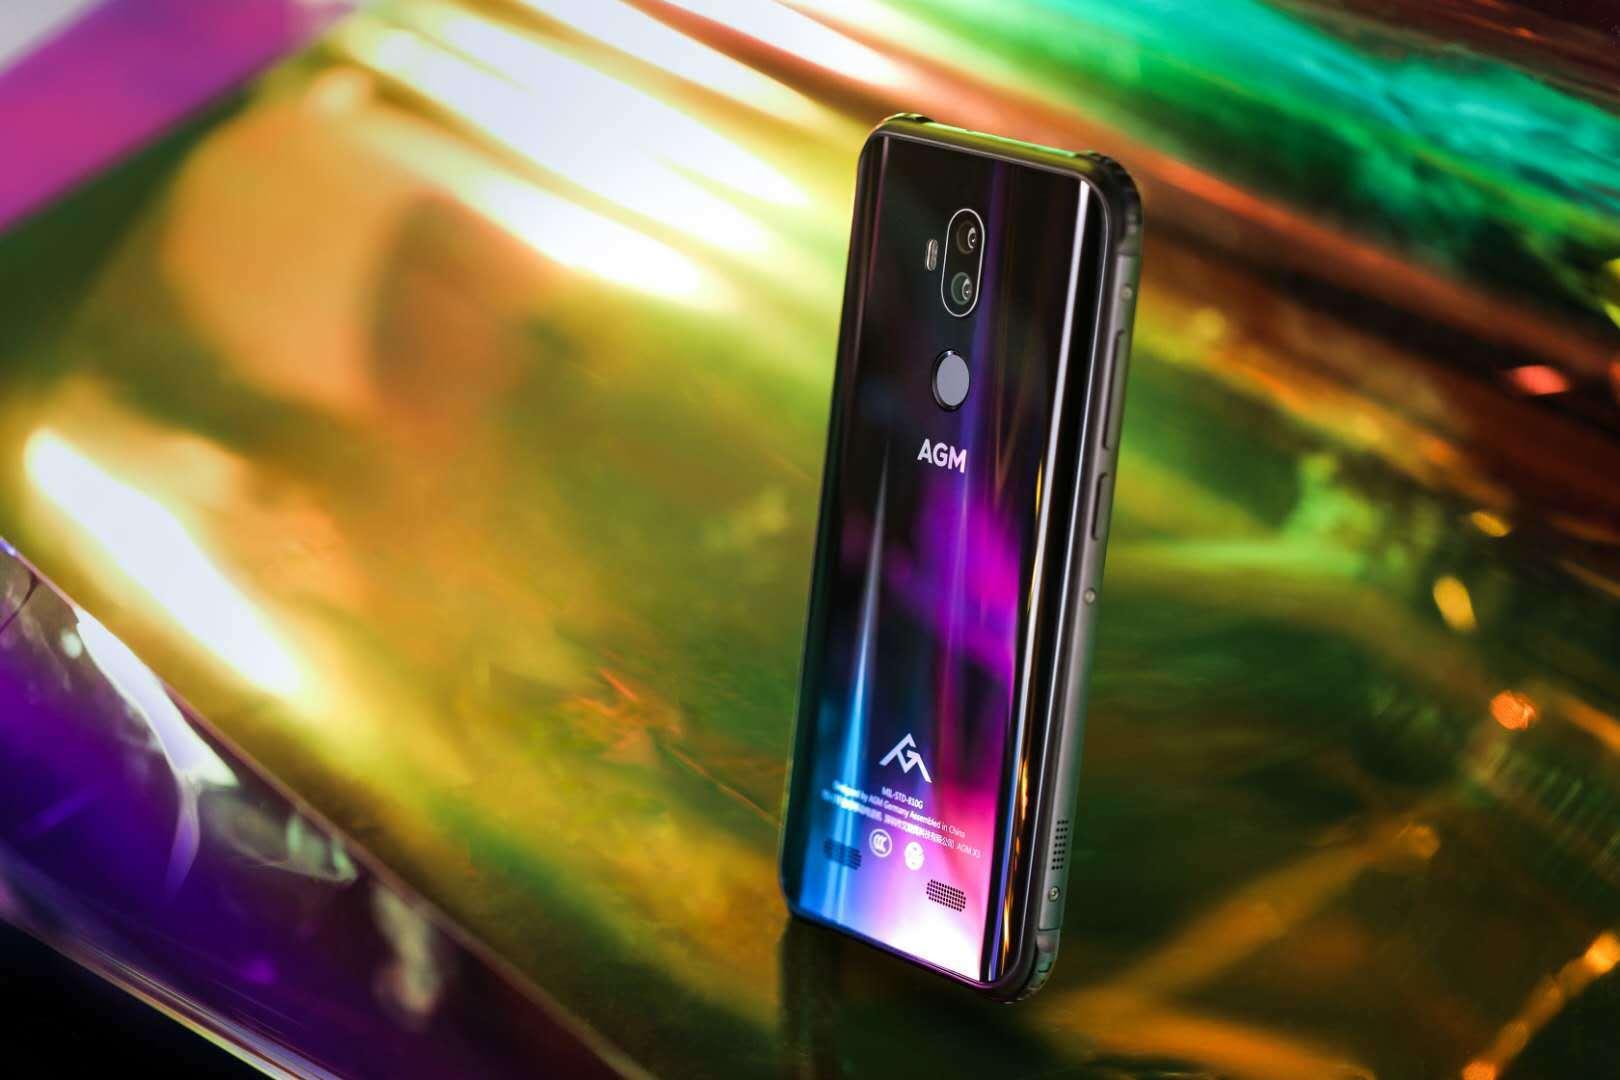 战狼手机遇见卫星通话和JBL音效,一跃成为地表最强旗舰手机 专业